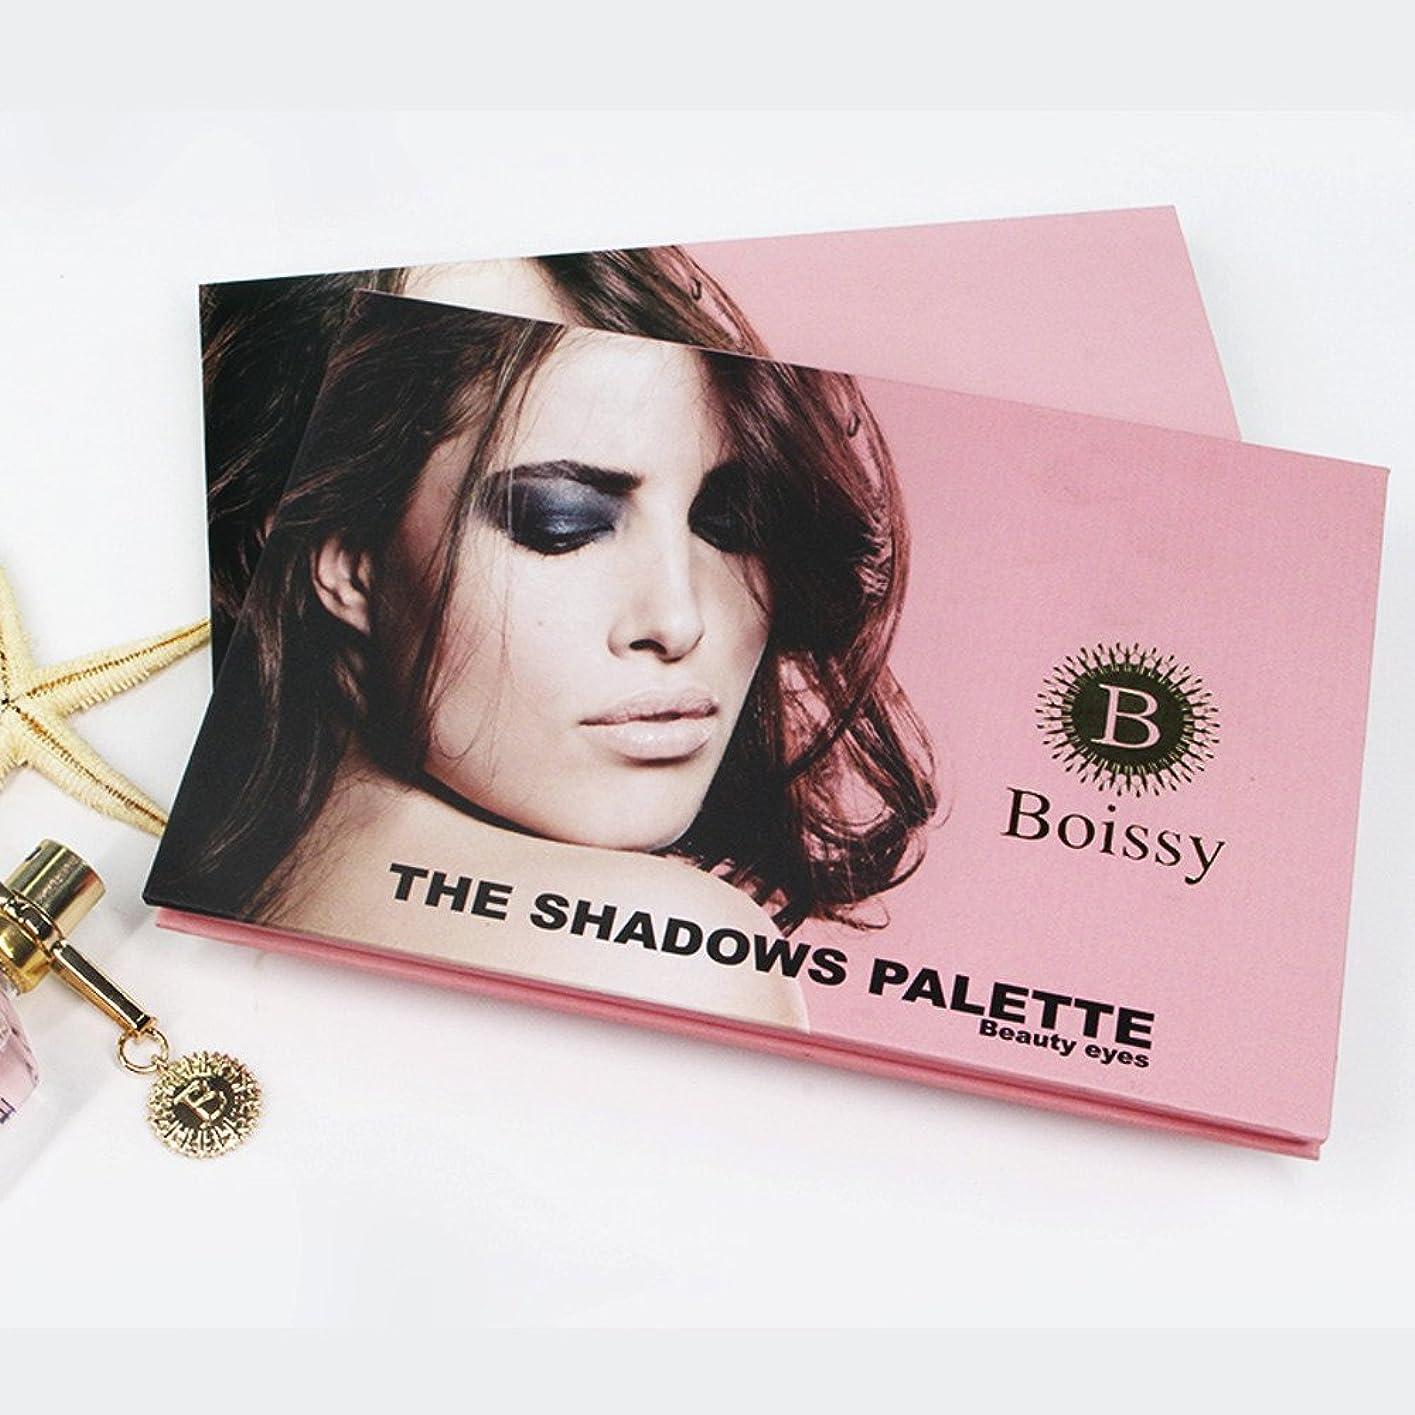 受付で療法Akane アイシャドウパレット BOISSY ファッション 可愛い 魅力的 キラキラ 人気 ピンク 綺麗 長持ち おしゃれ 防水 チャーム 日常 持ち便利 Eye Shadow (24色)